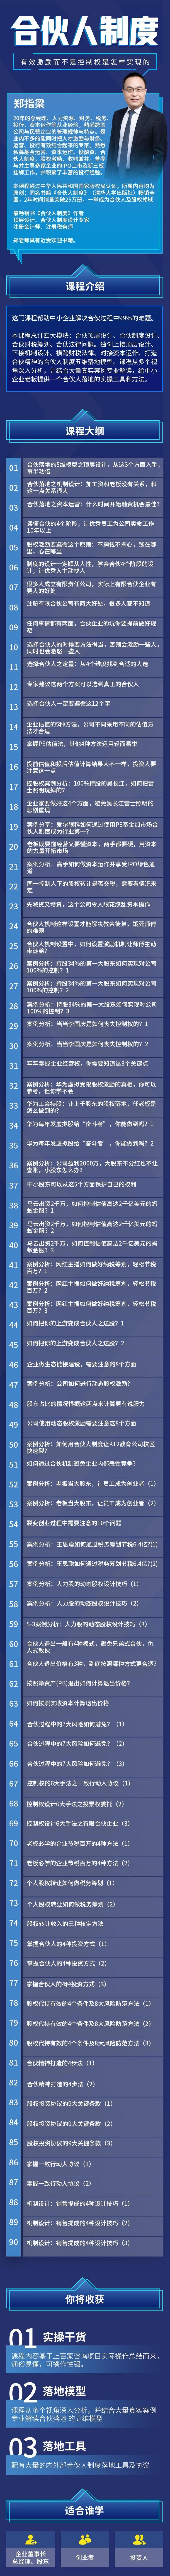 郑指梁-课程详情页.jpg